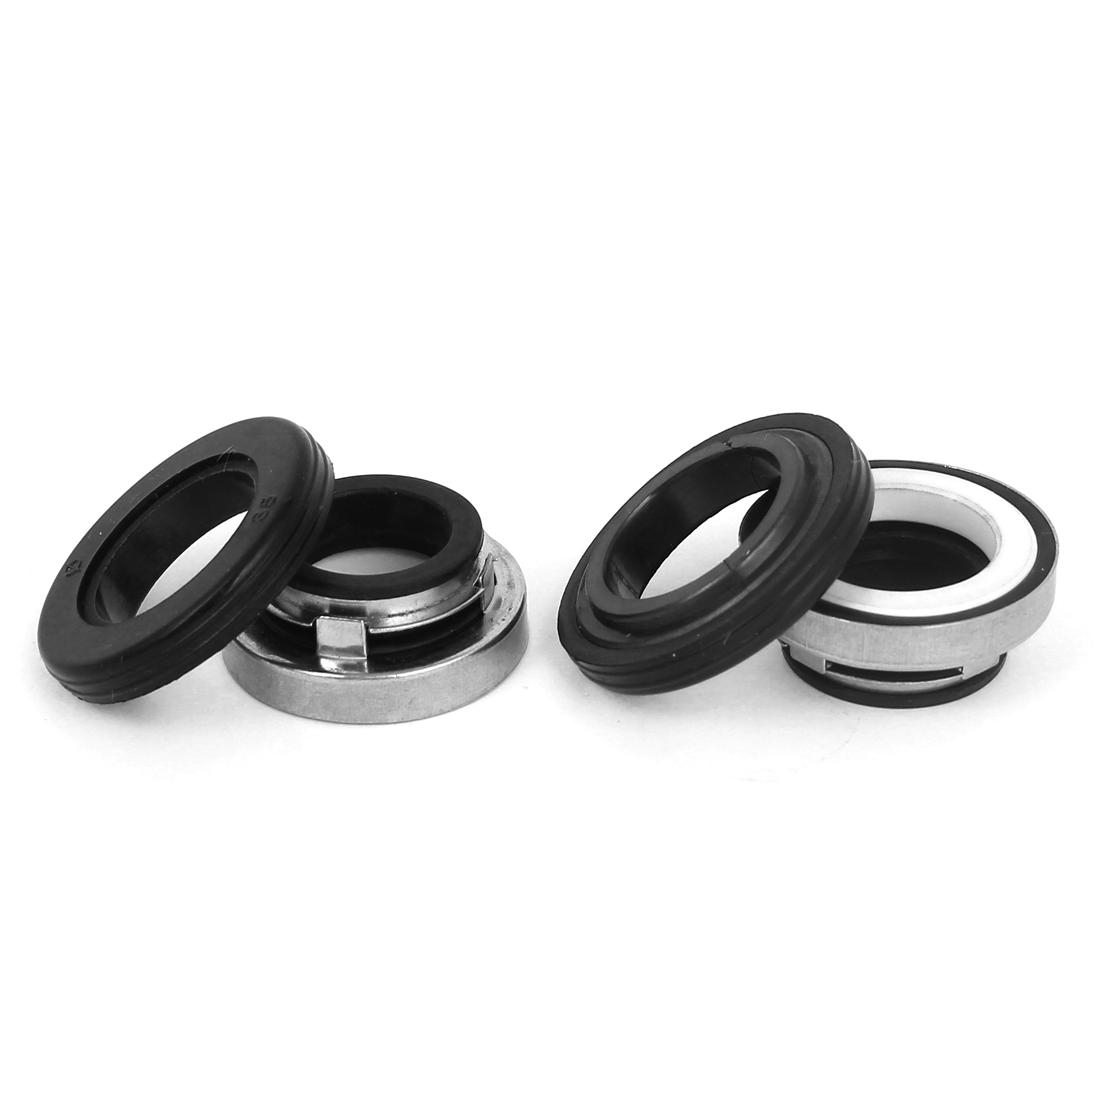 17mm Inner Dia Rubber Bellow Pump Mechanical Seal Set 2 Pcs